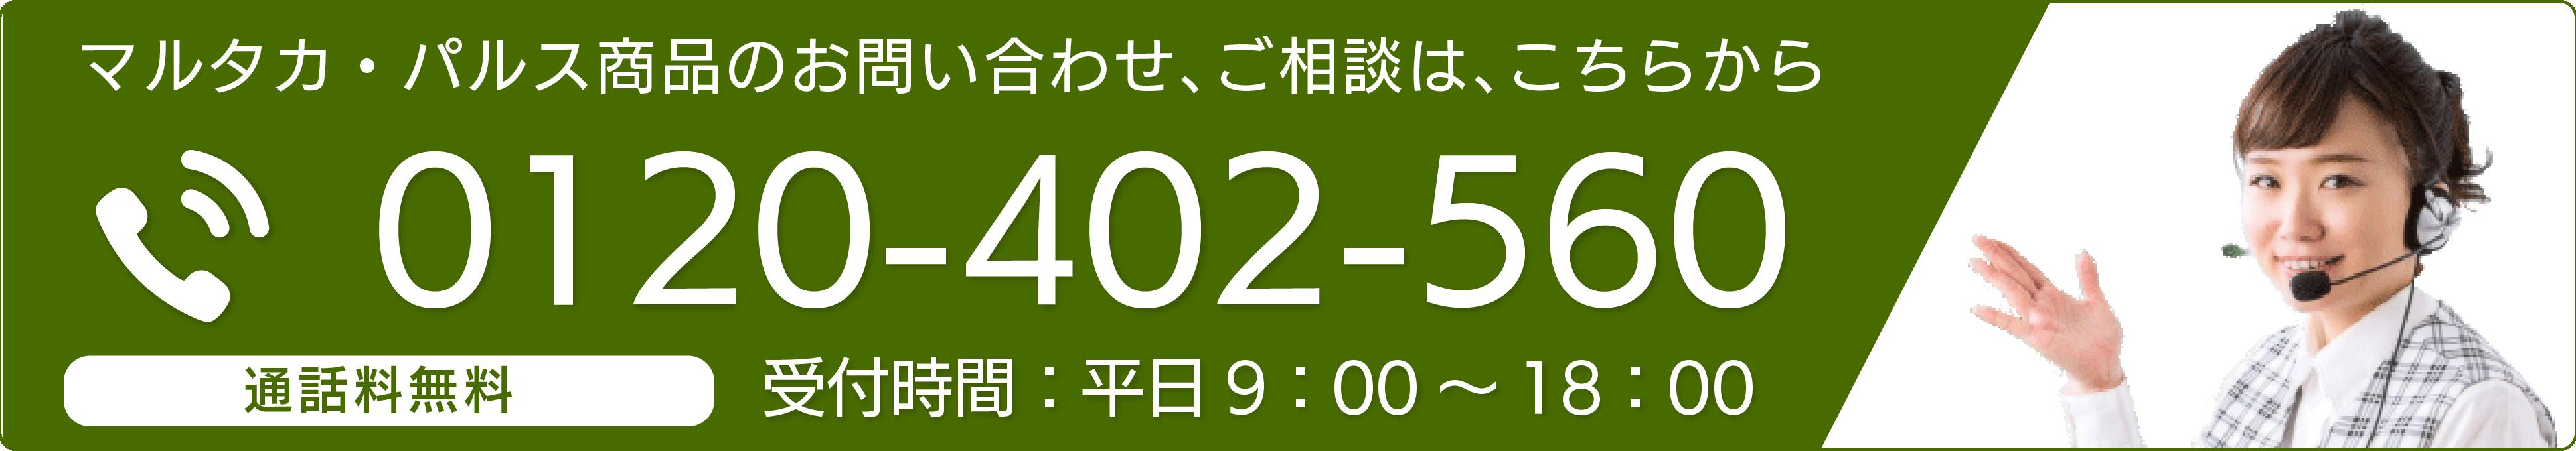 マルタカ商品用連絡先